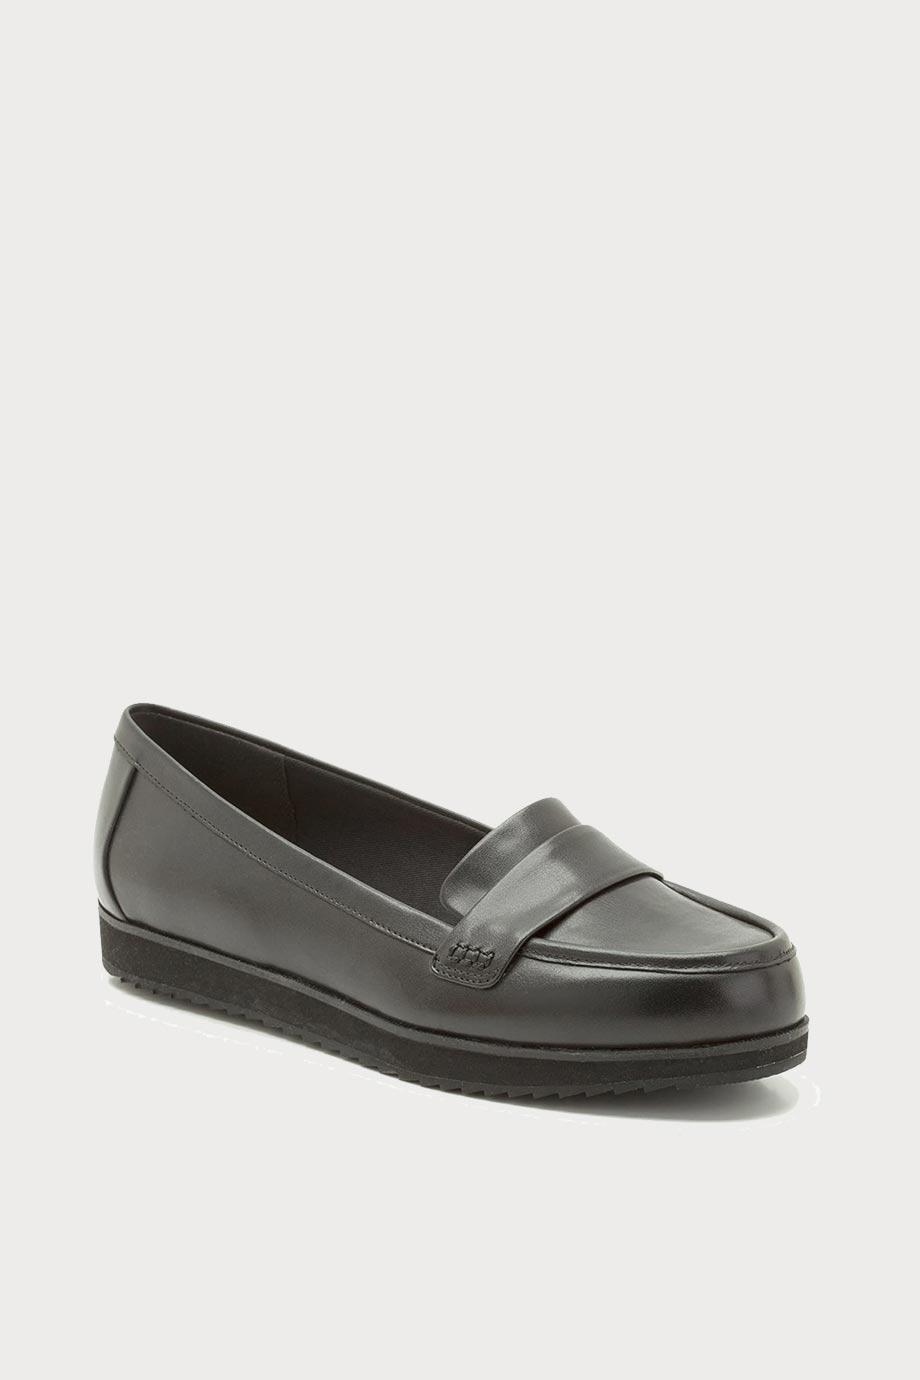 spiridoula metheniti shoes xalkida p amberley opera black leather clarks